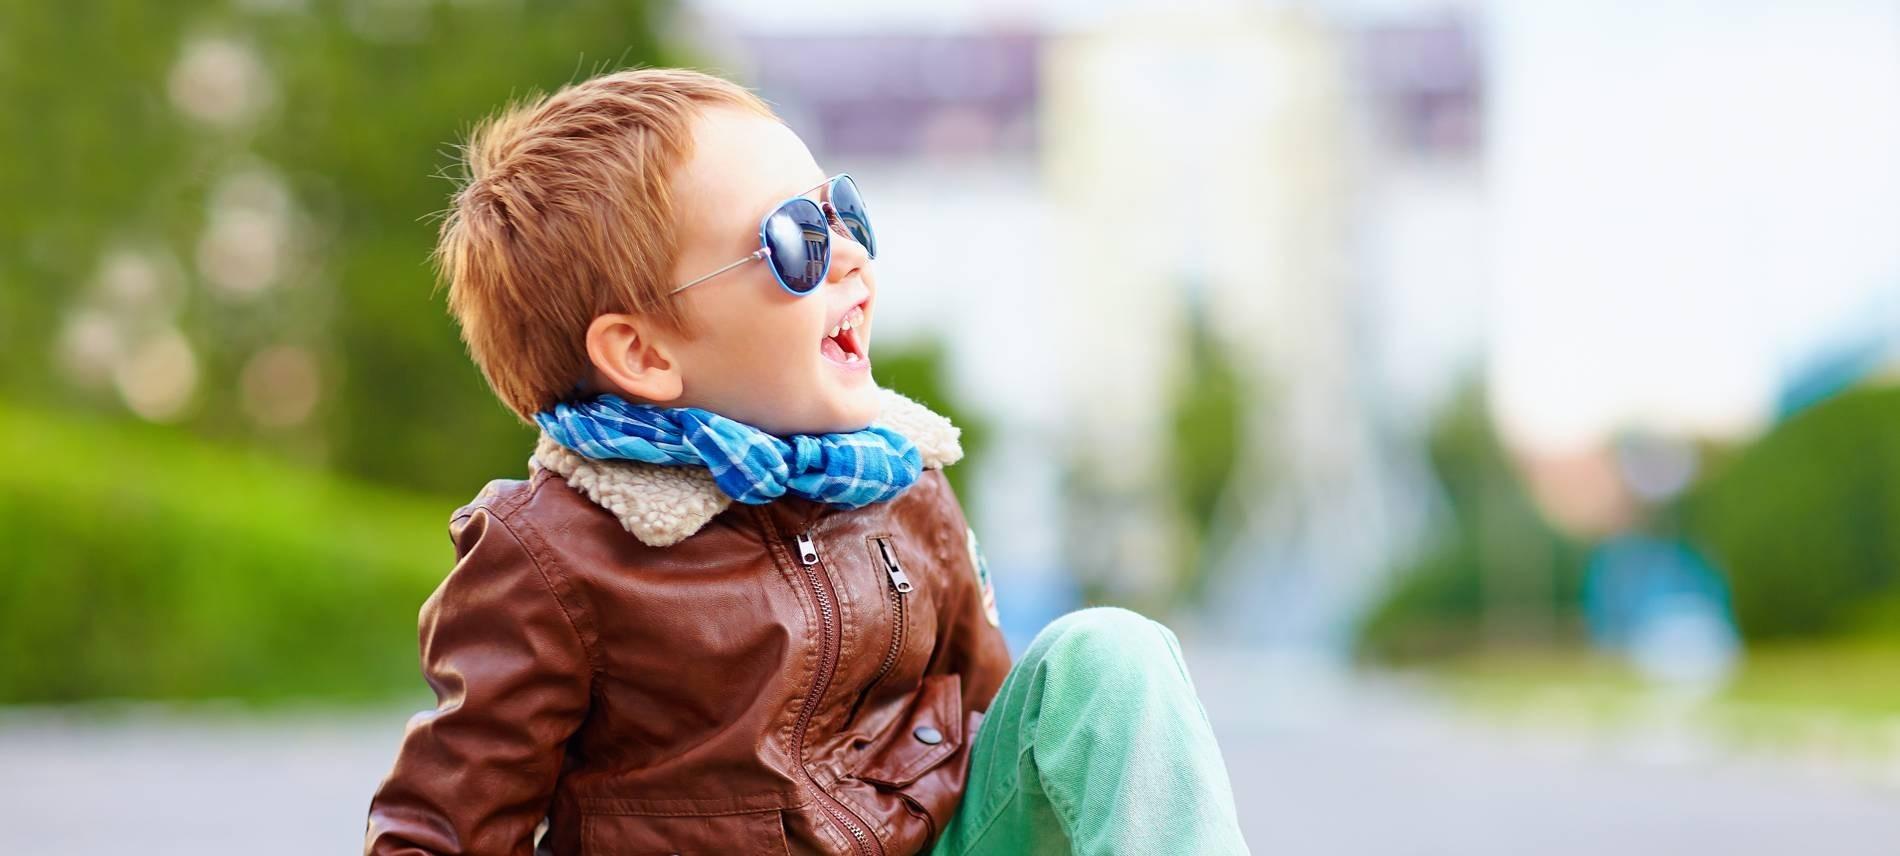 Complementos moda divertidos para los más peques